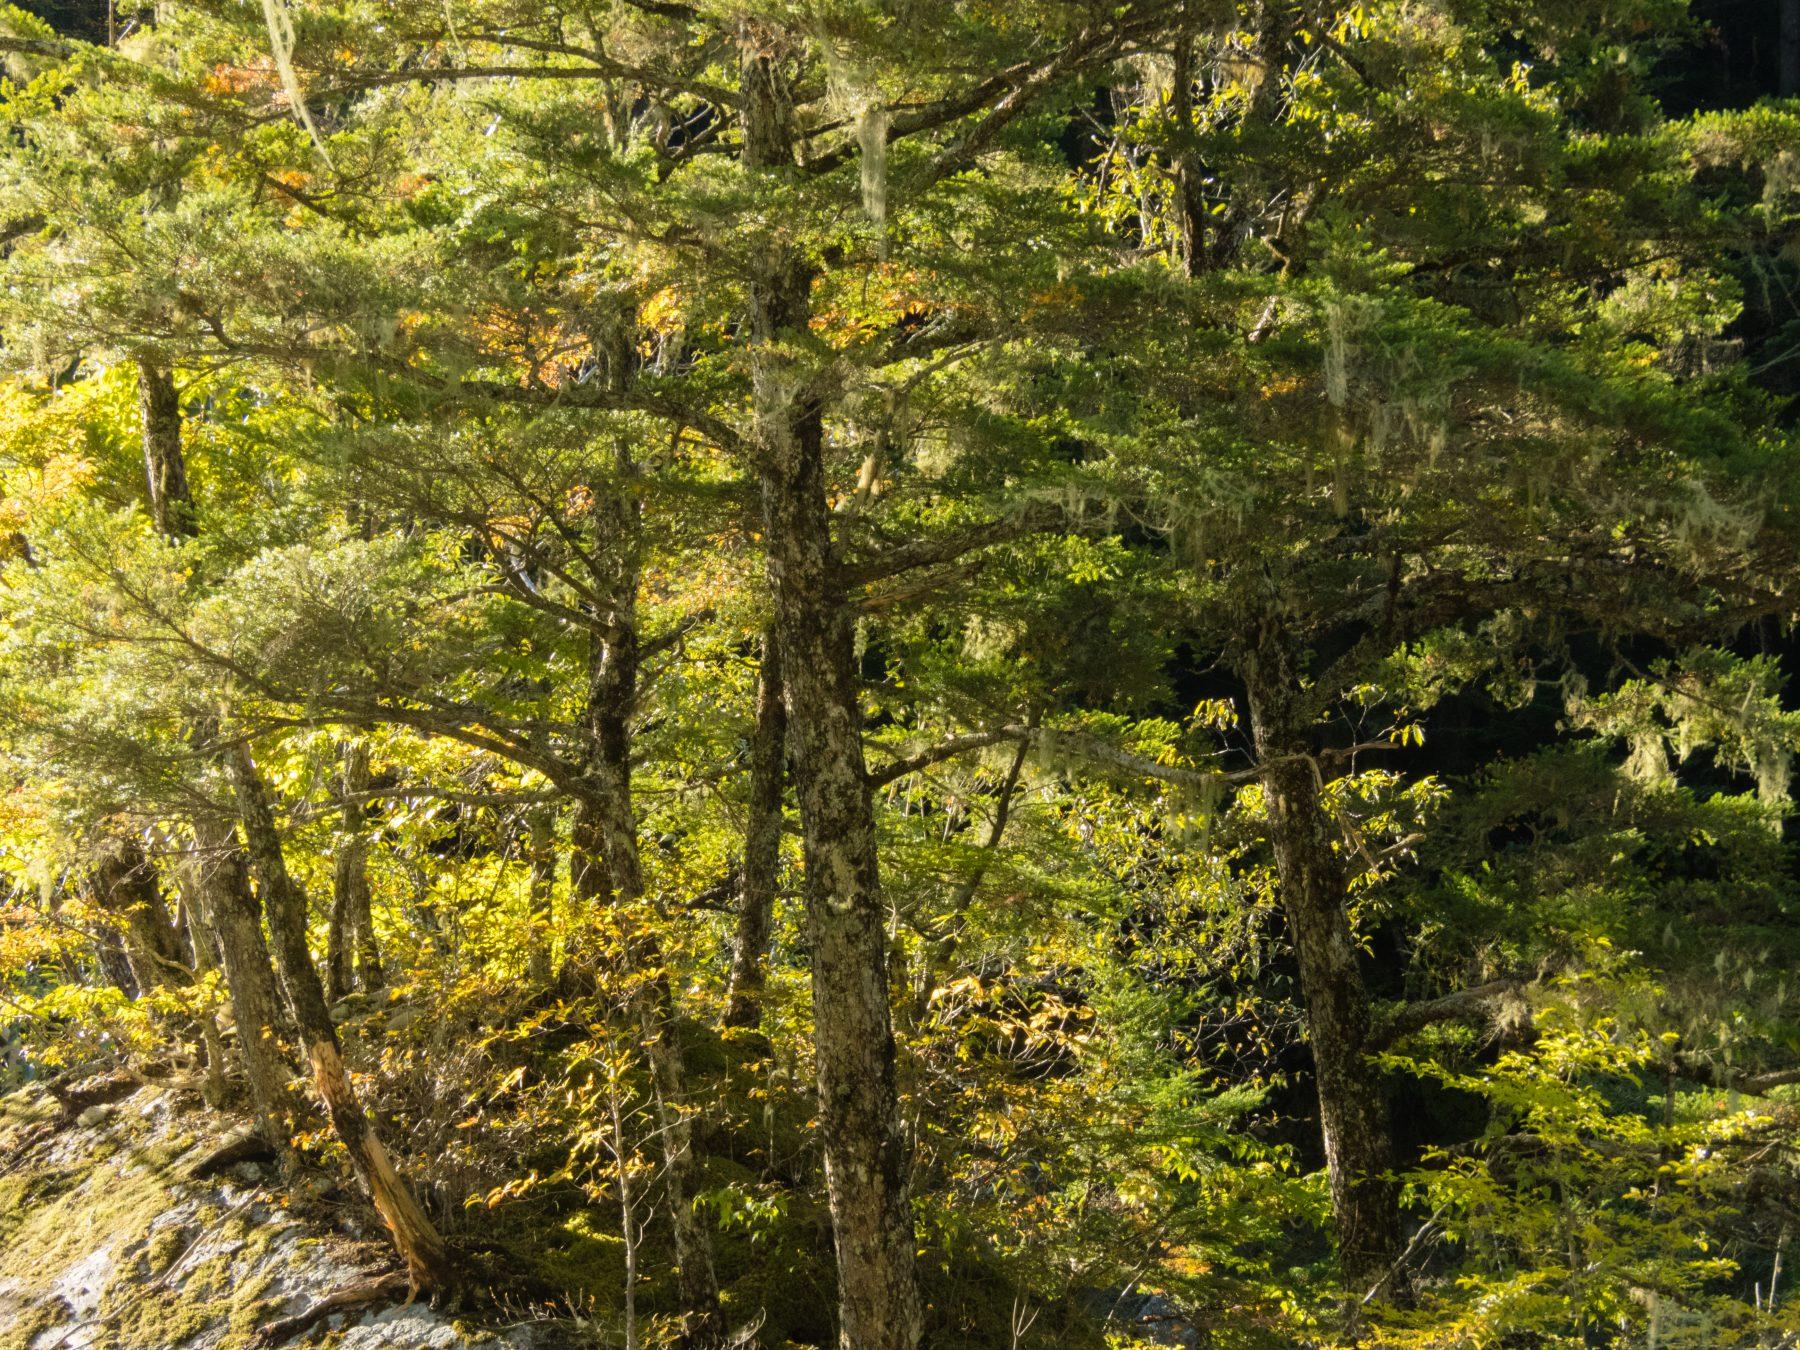 鎧岩 - 岩に生えるツガの木々